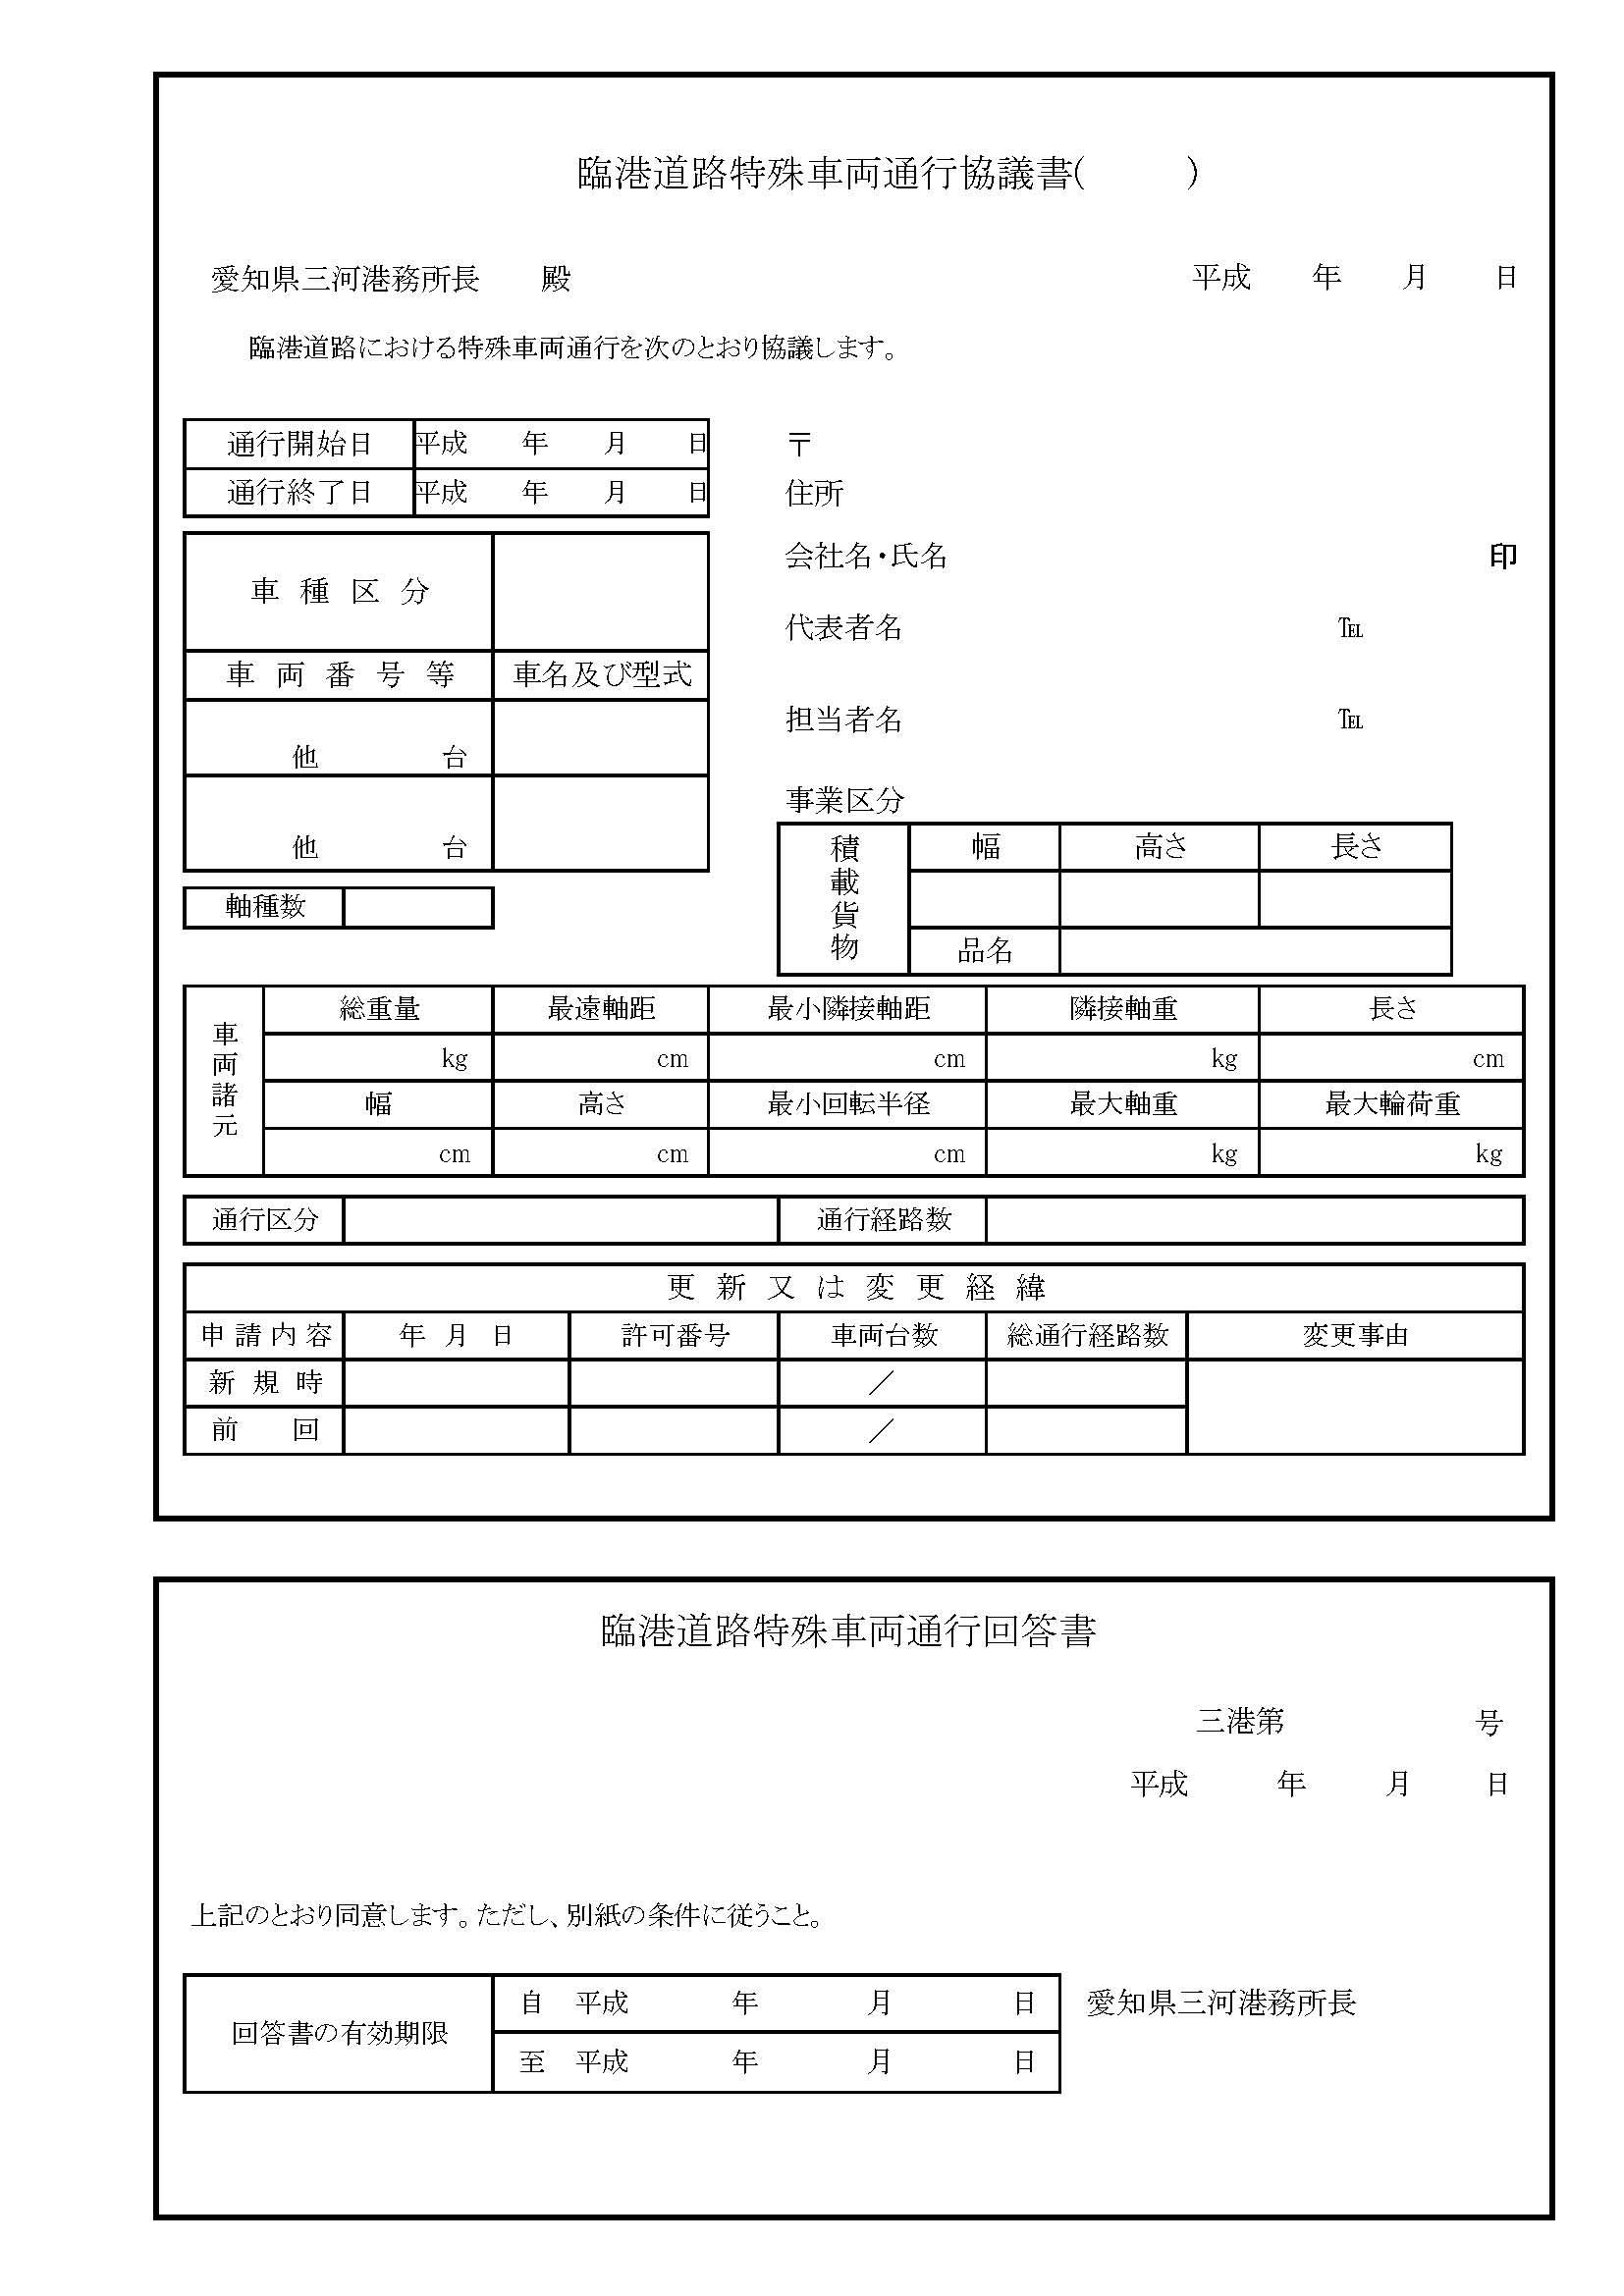 臨港道路特殊車両通行協議書